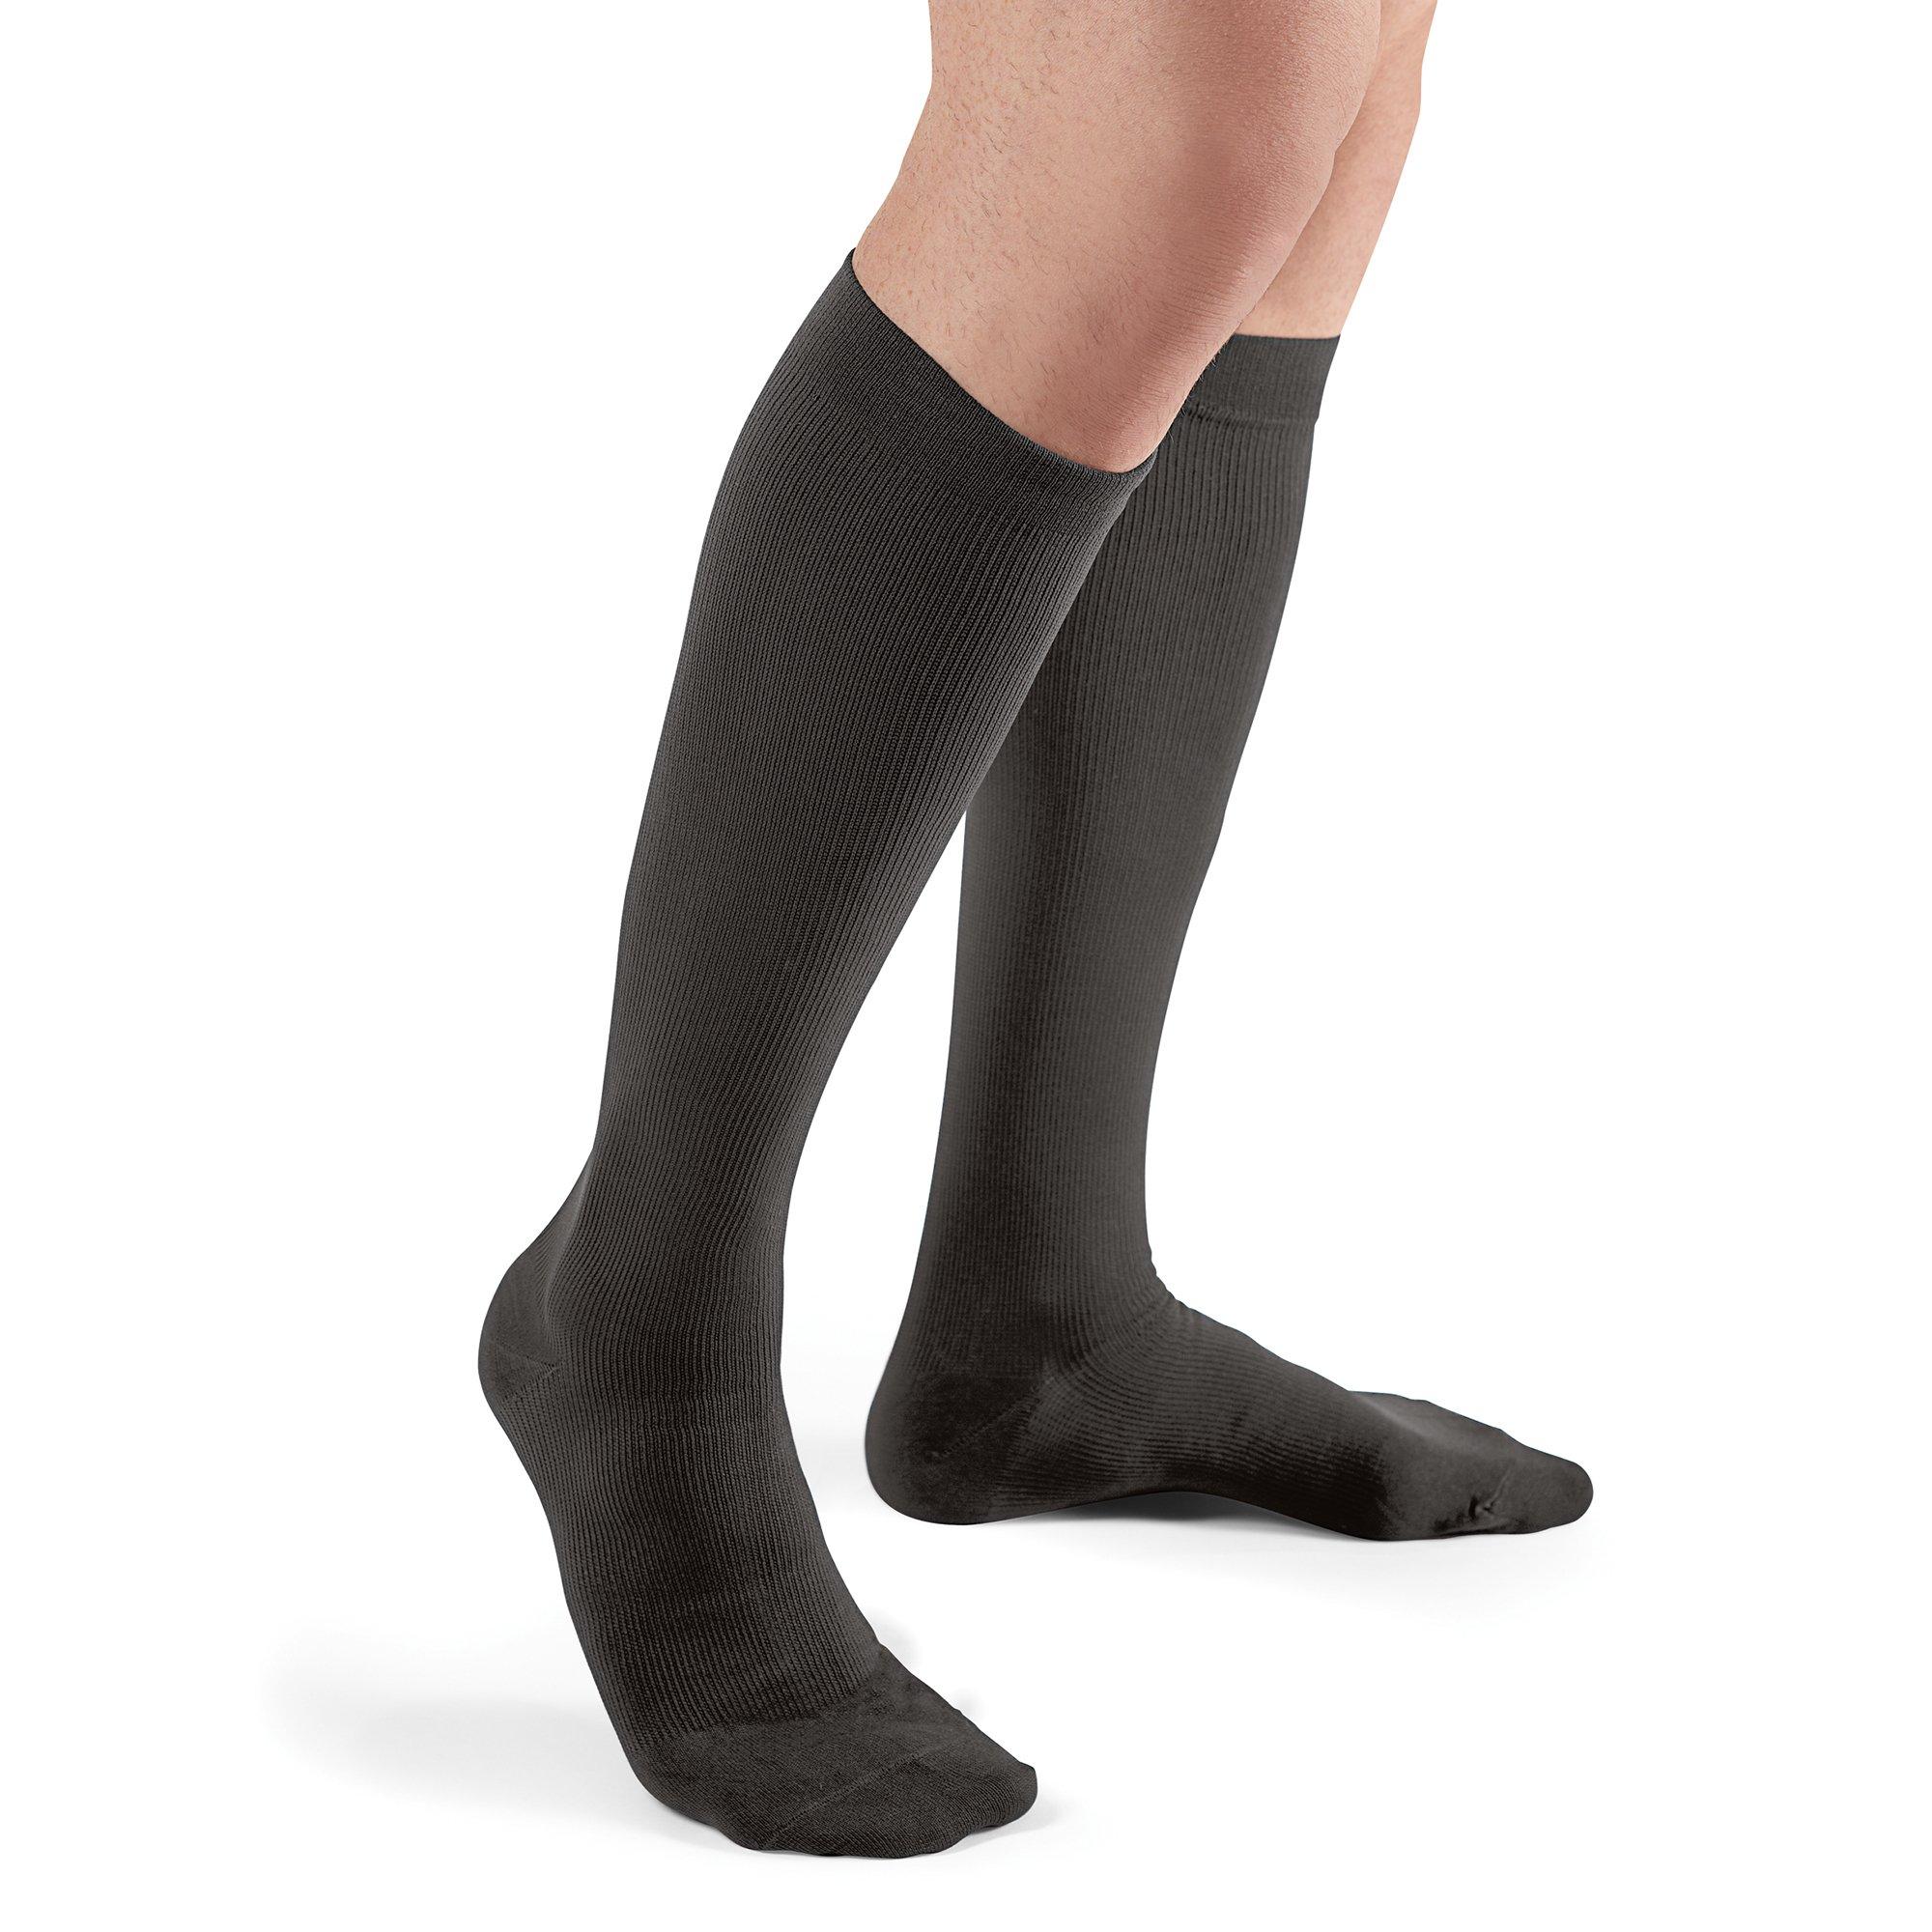 1891cbef9889 Futuro Restoring Dress Socks for Men, Firm Compression, Large, Black